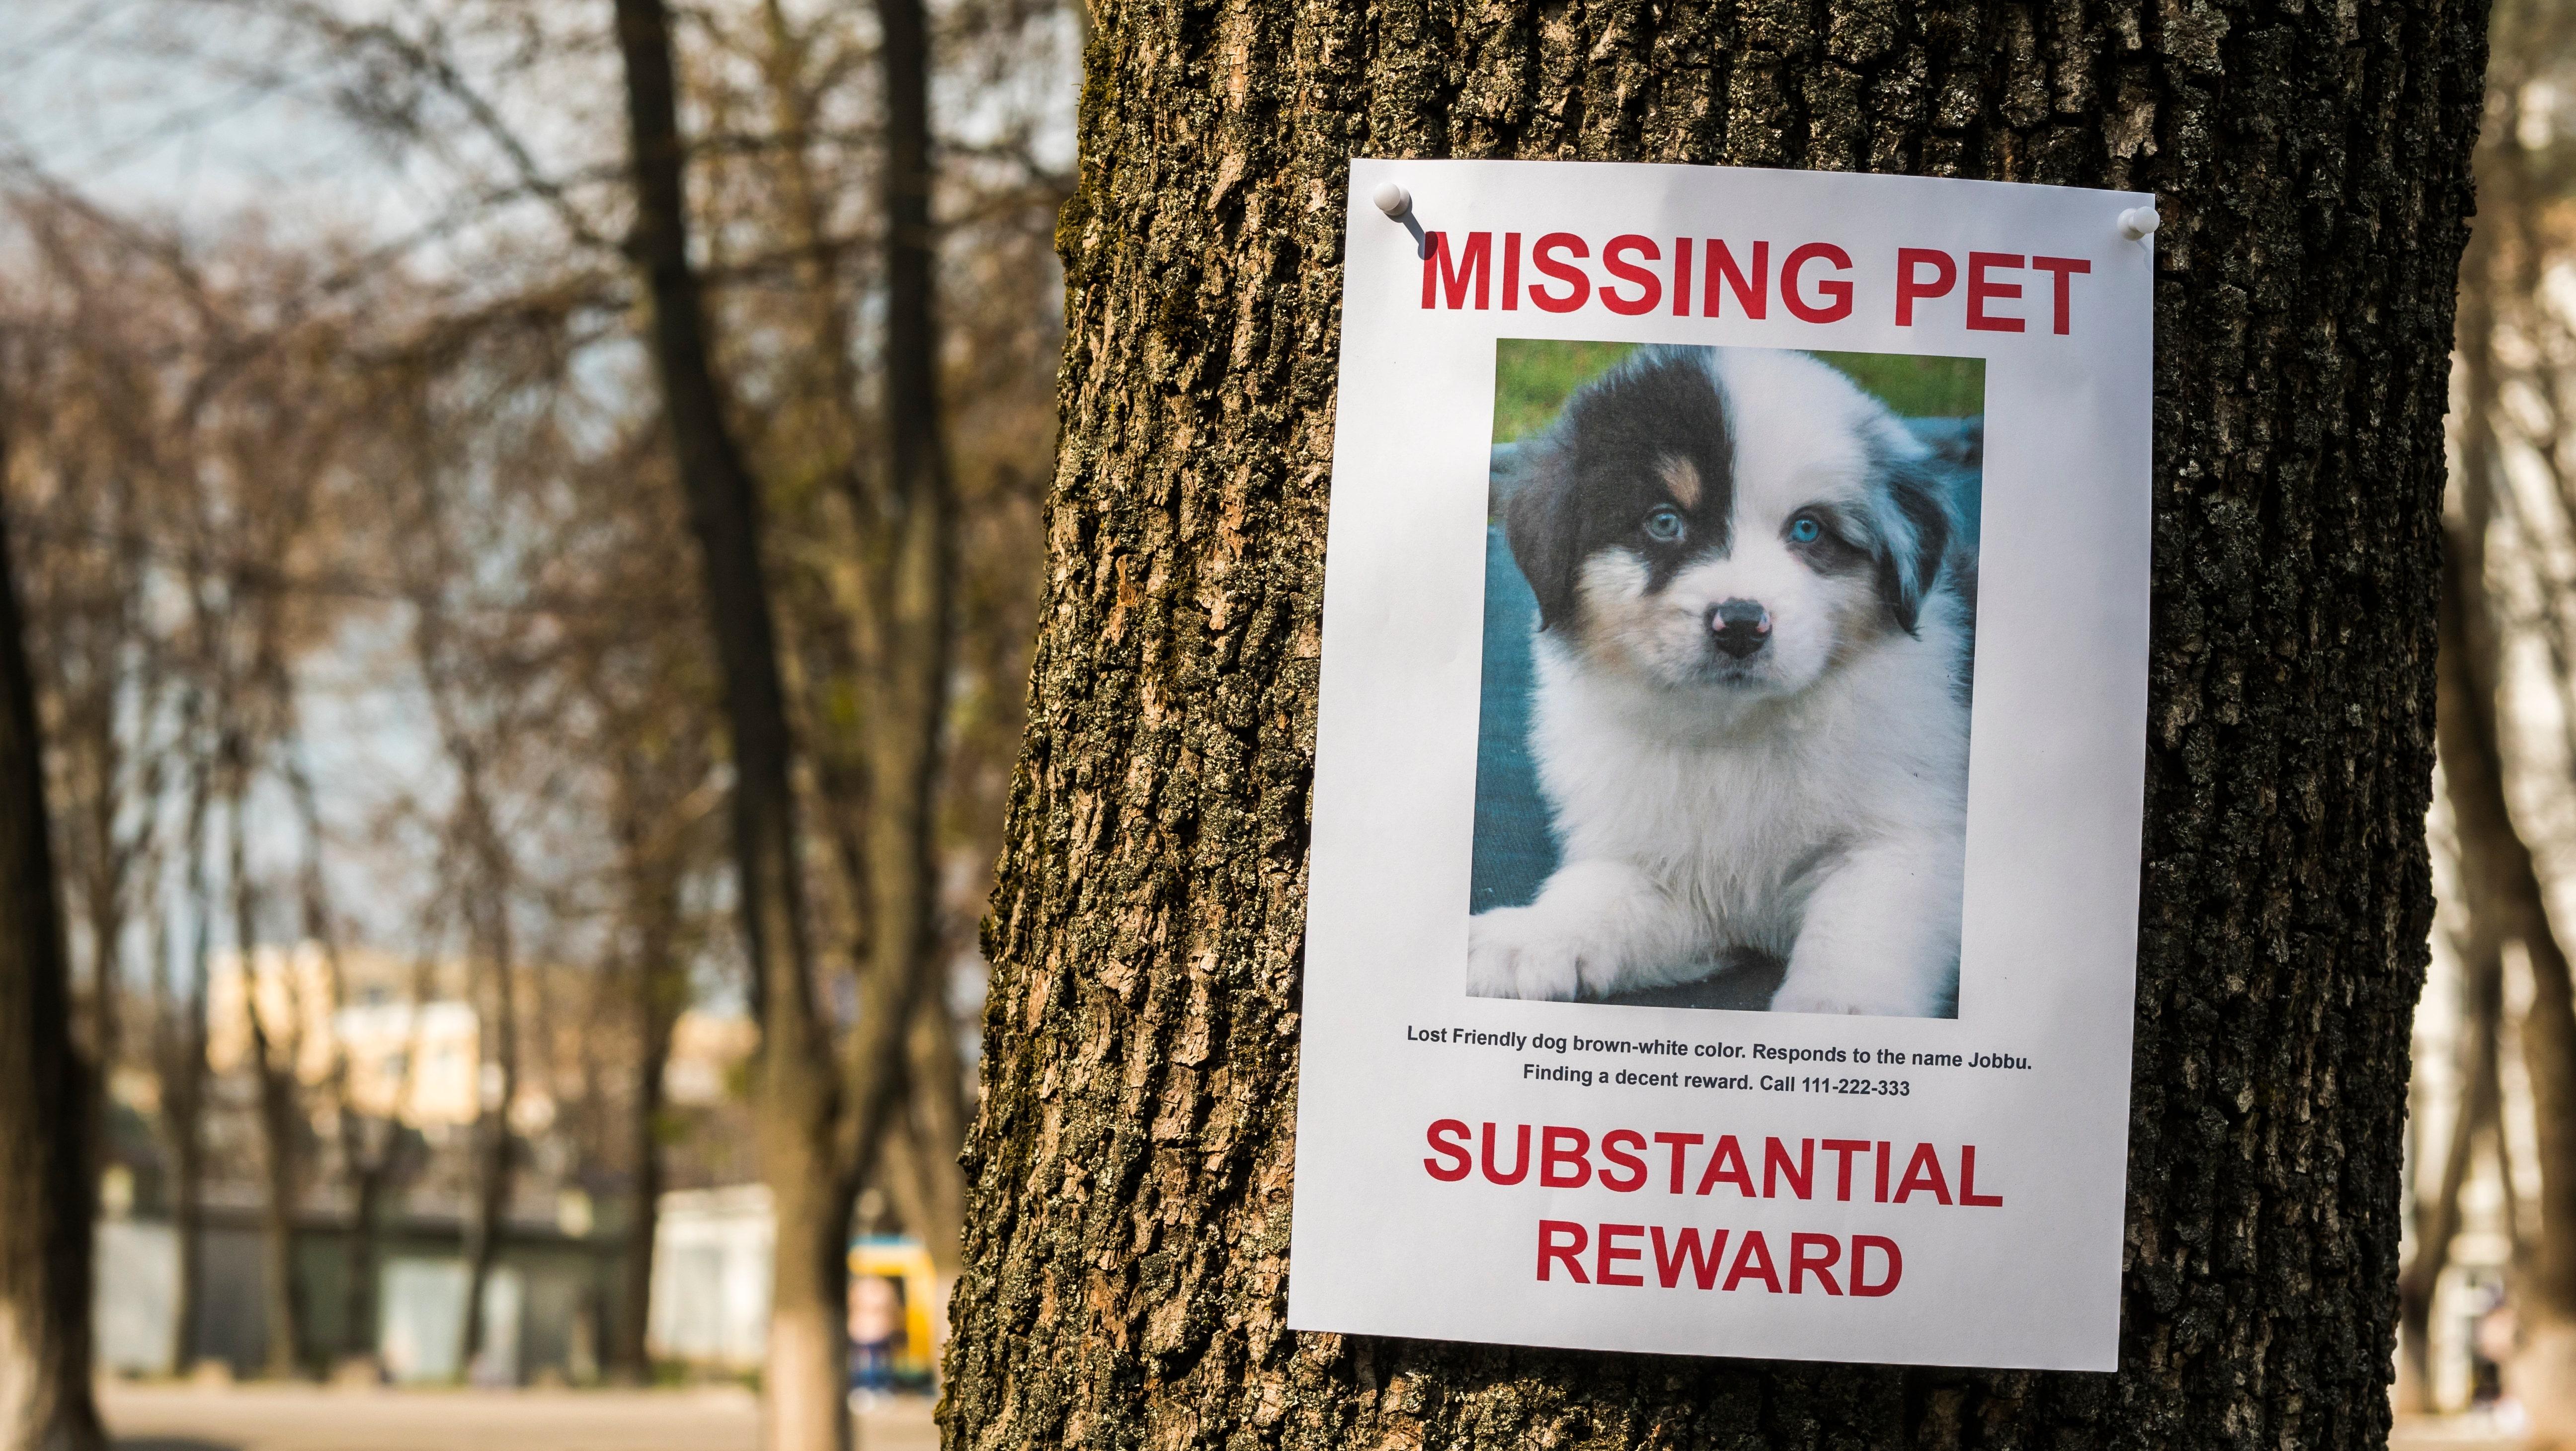 の探し方を紛失してしまったの犬によると、ペット探偵